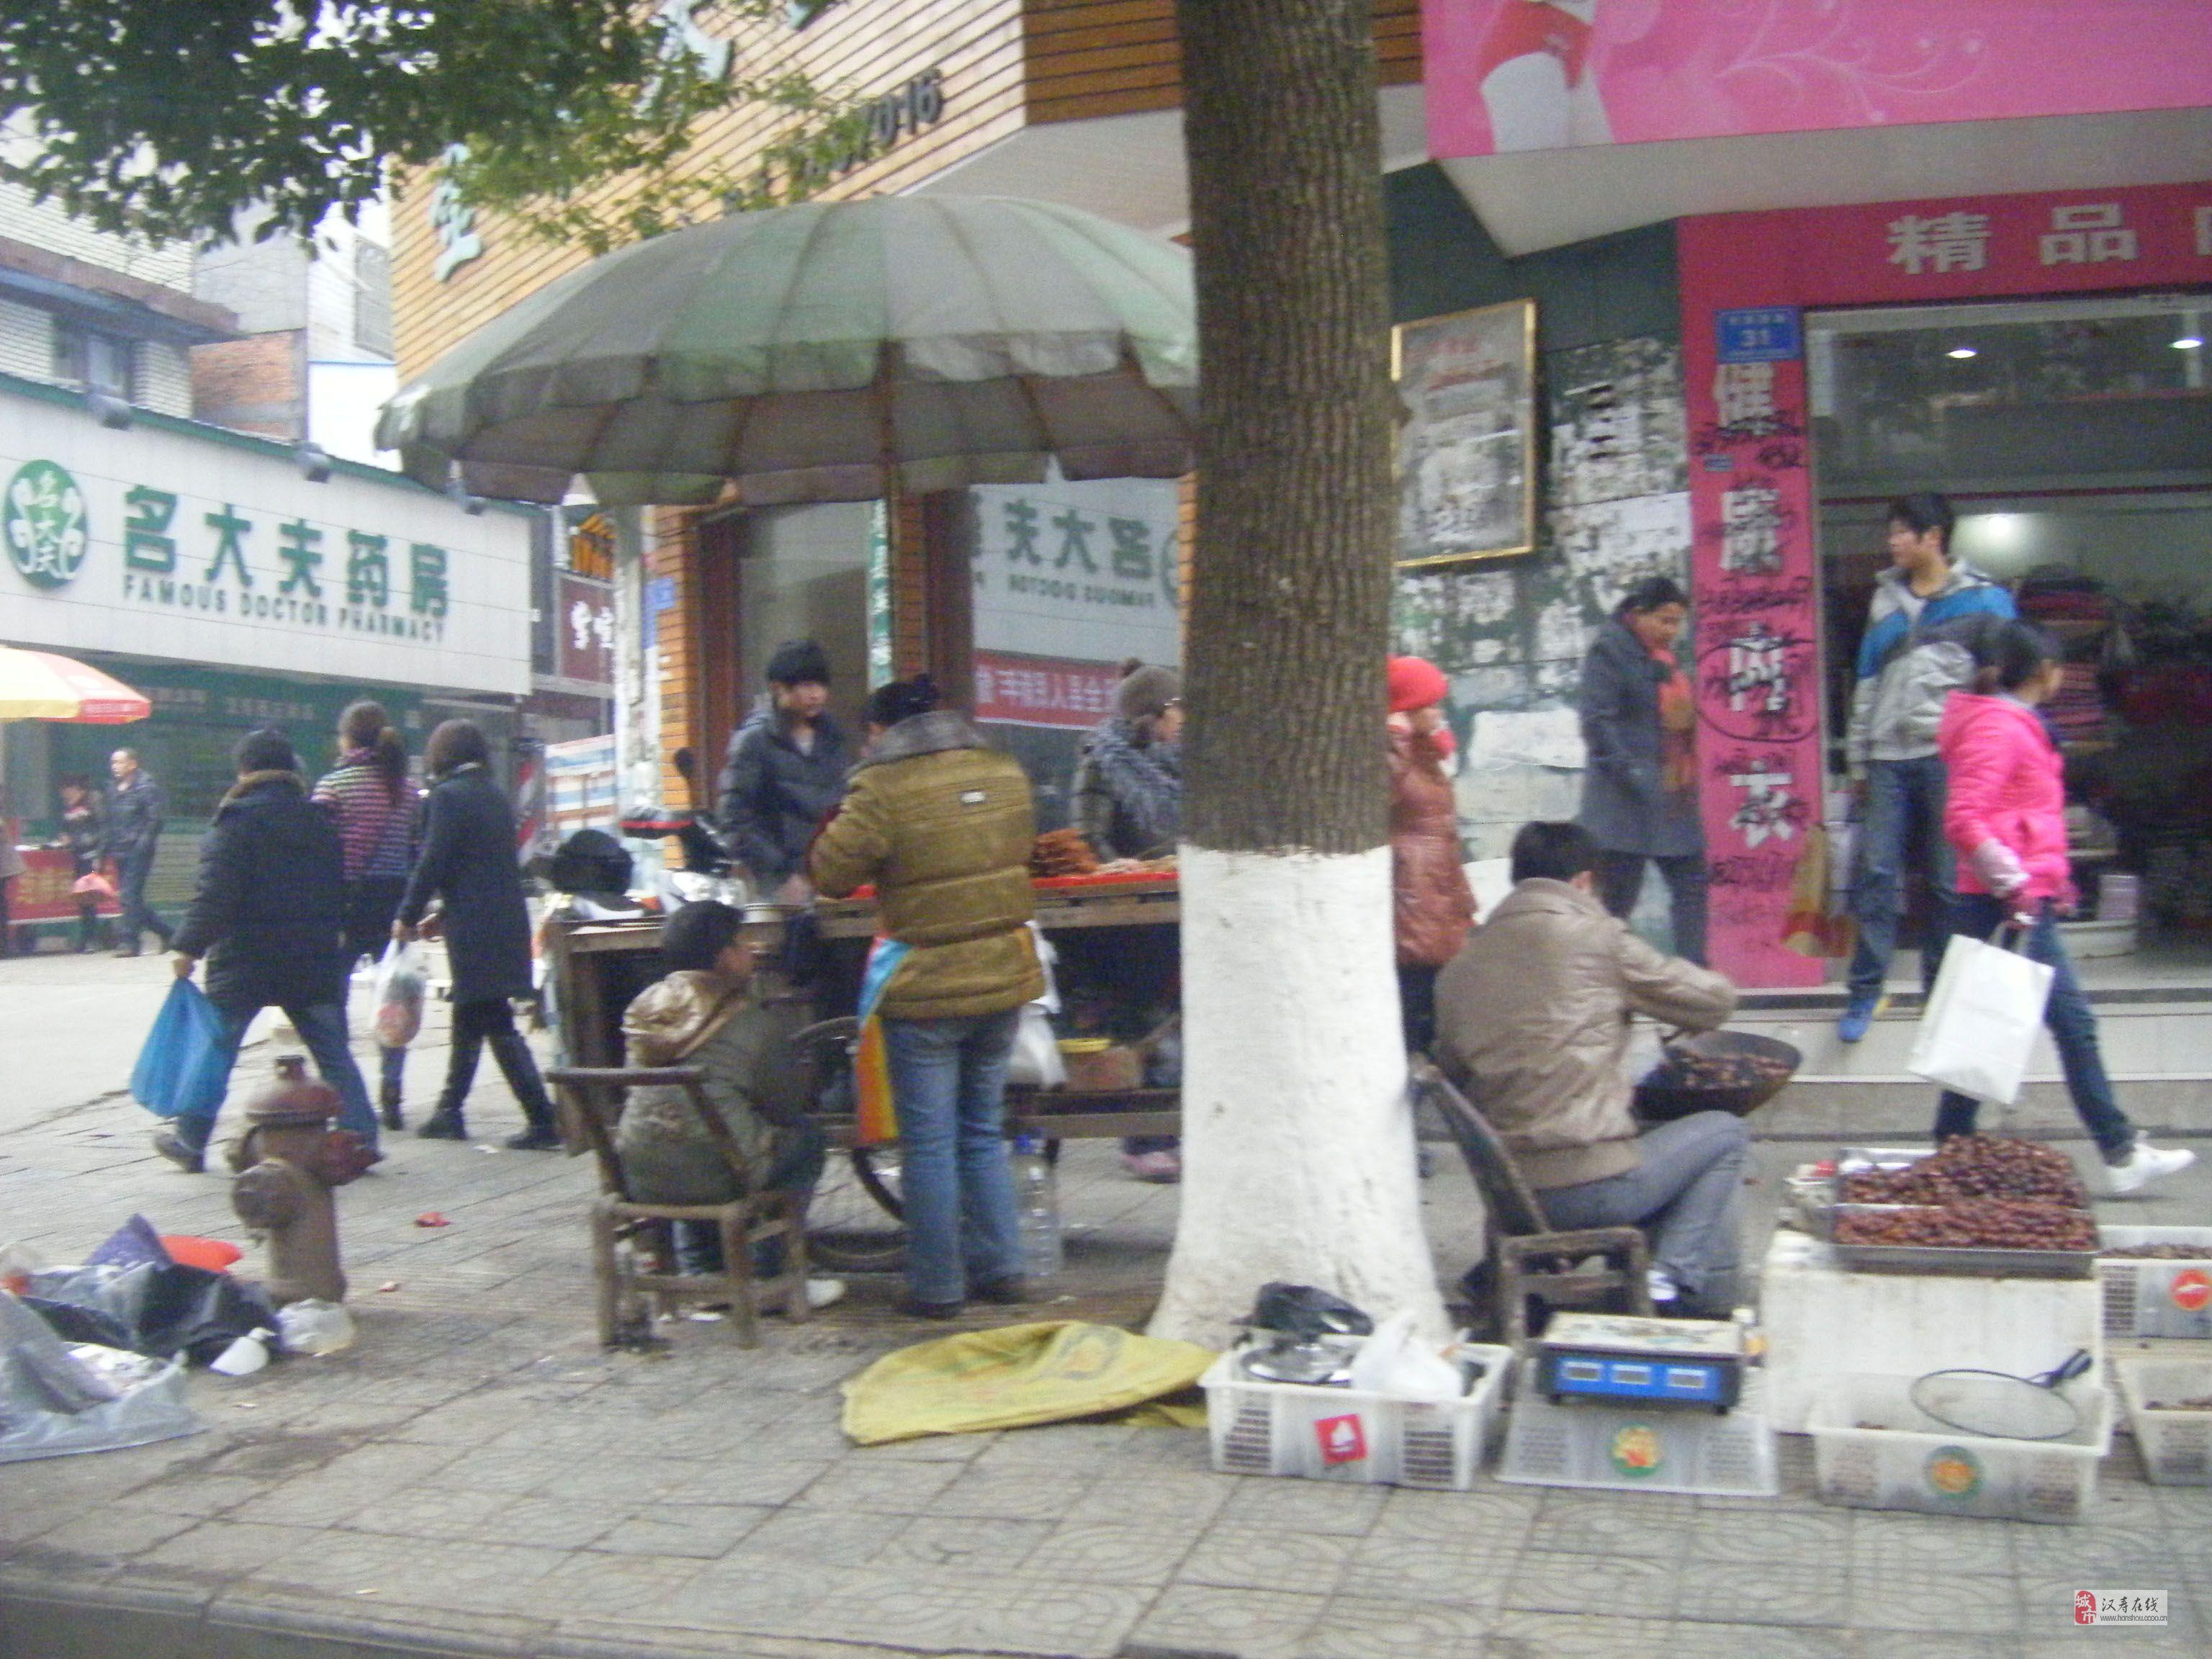 [原创]春节前的汉寿街景人很多